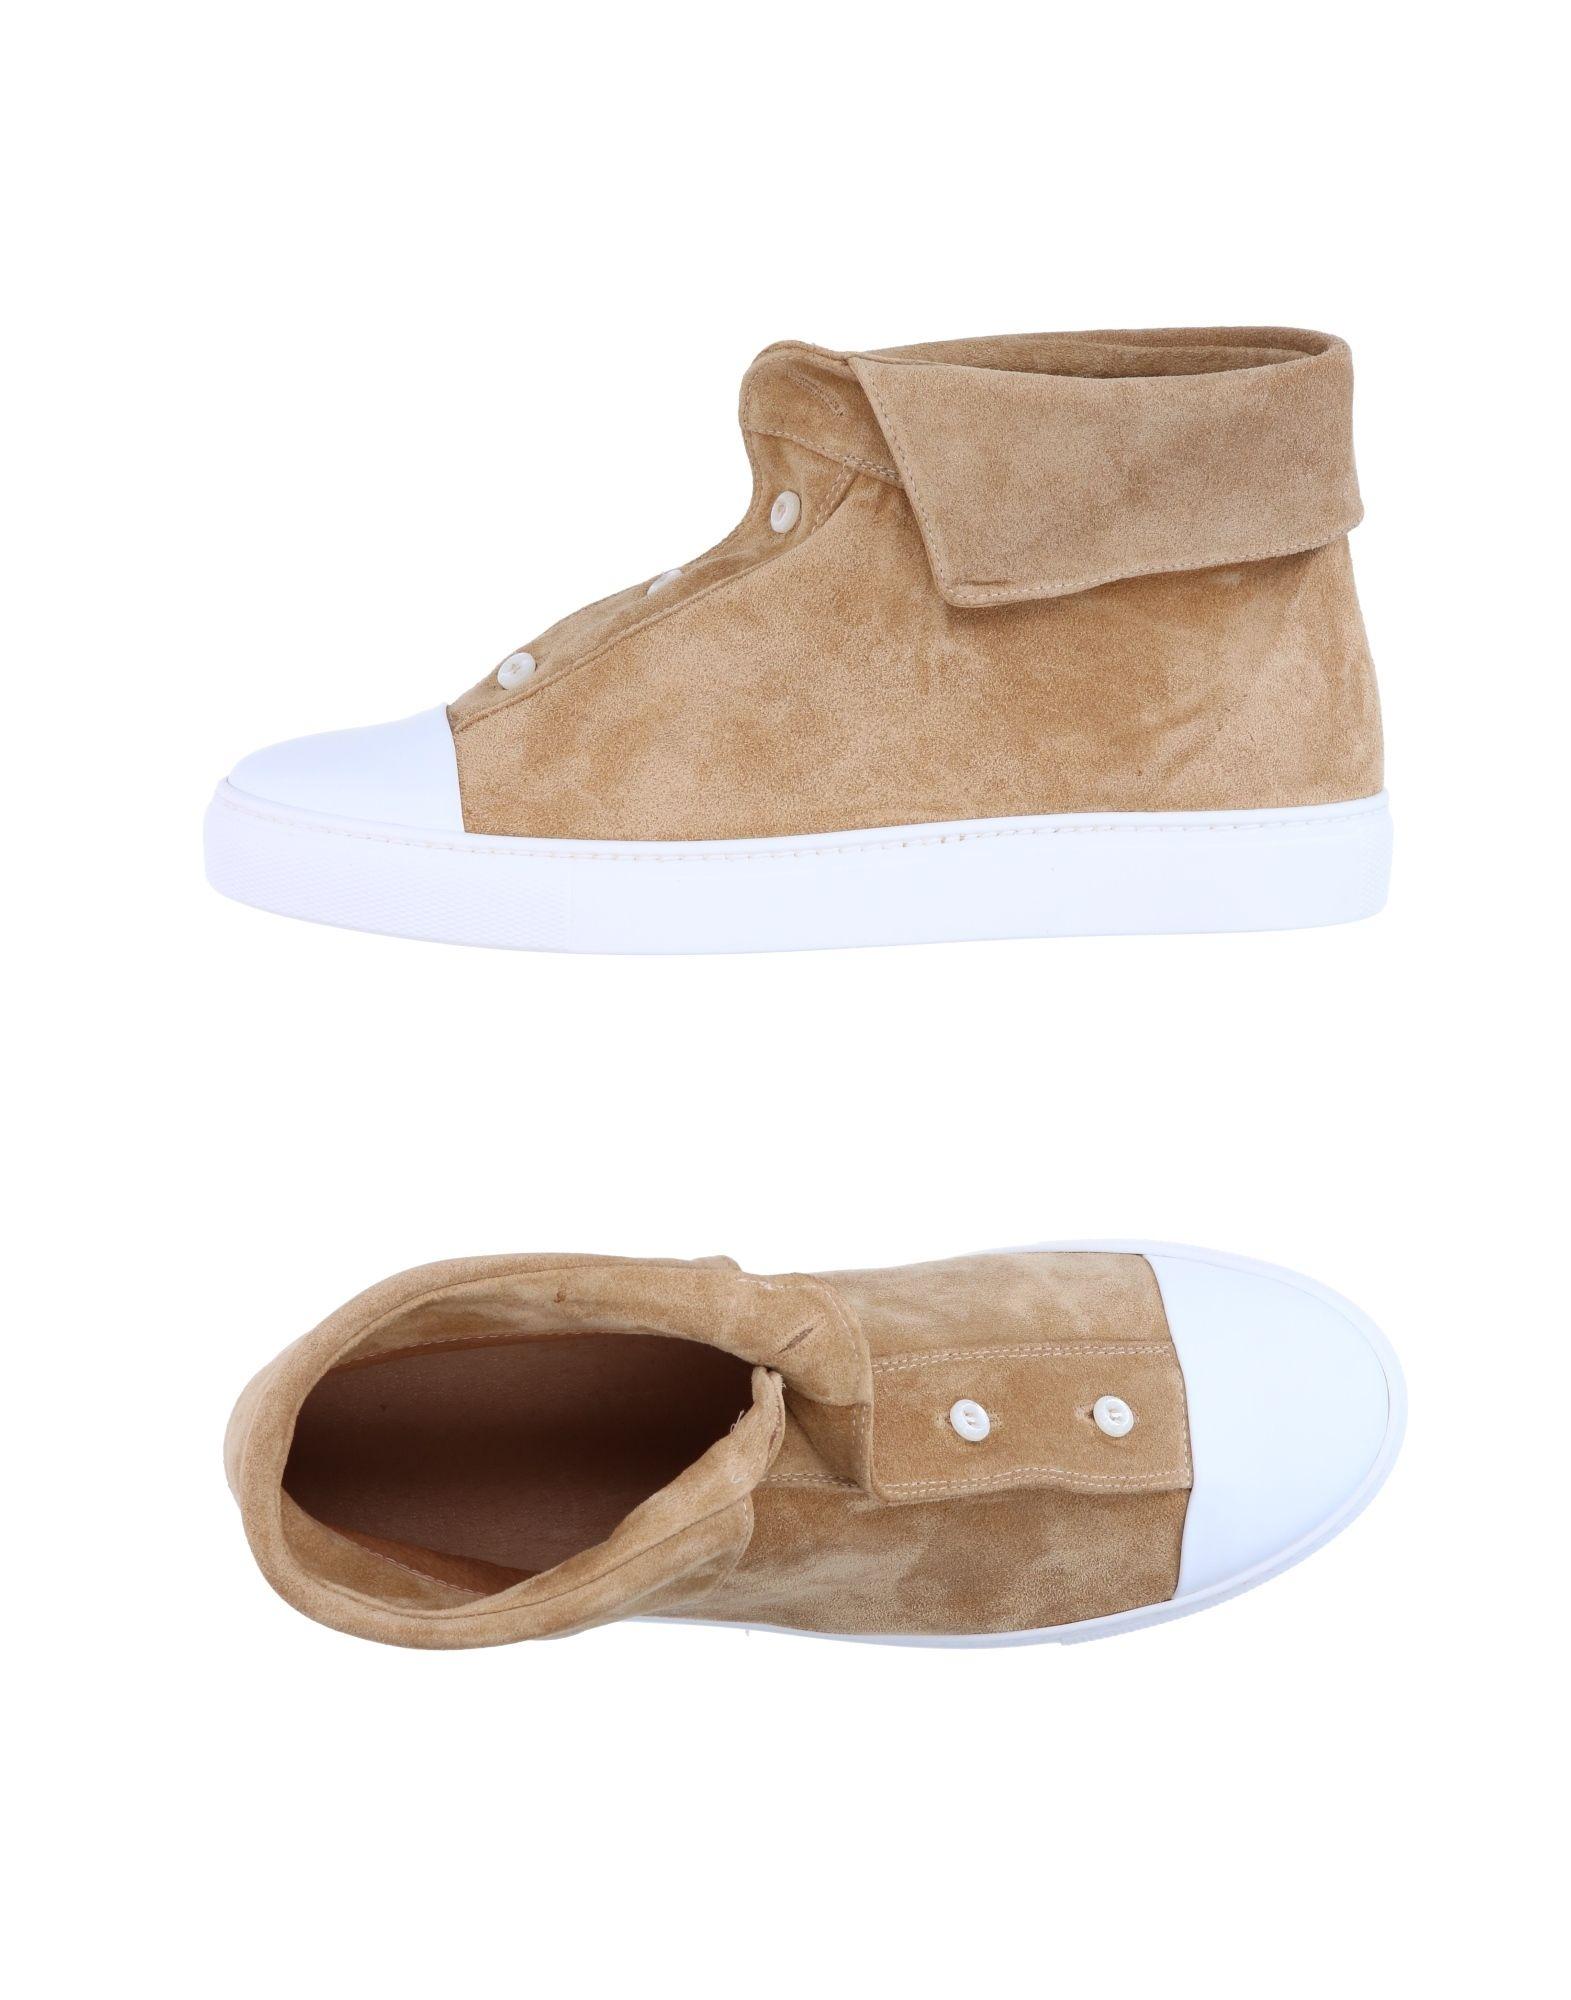 Sciuscert Heiße Sneakers Herren  11274427WM Heiße Sciuscert Schuhe 377302